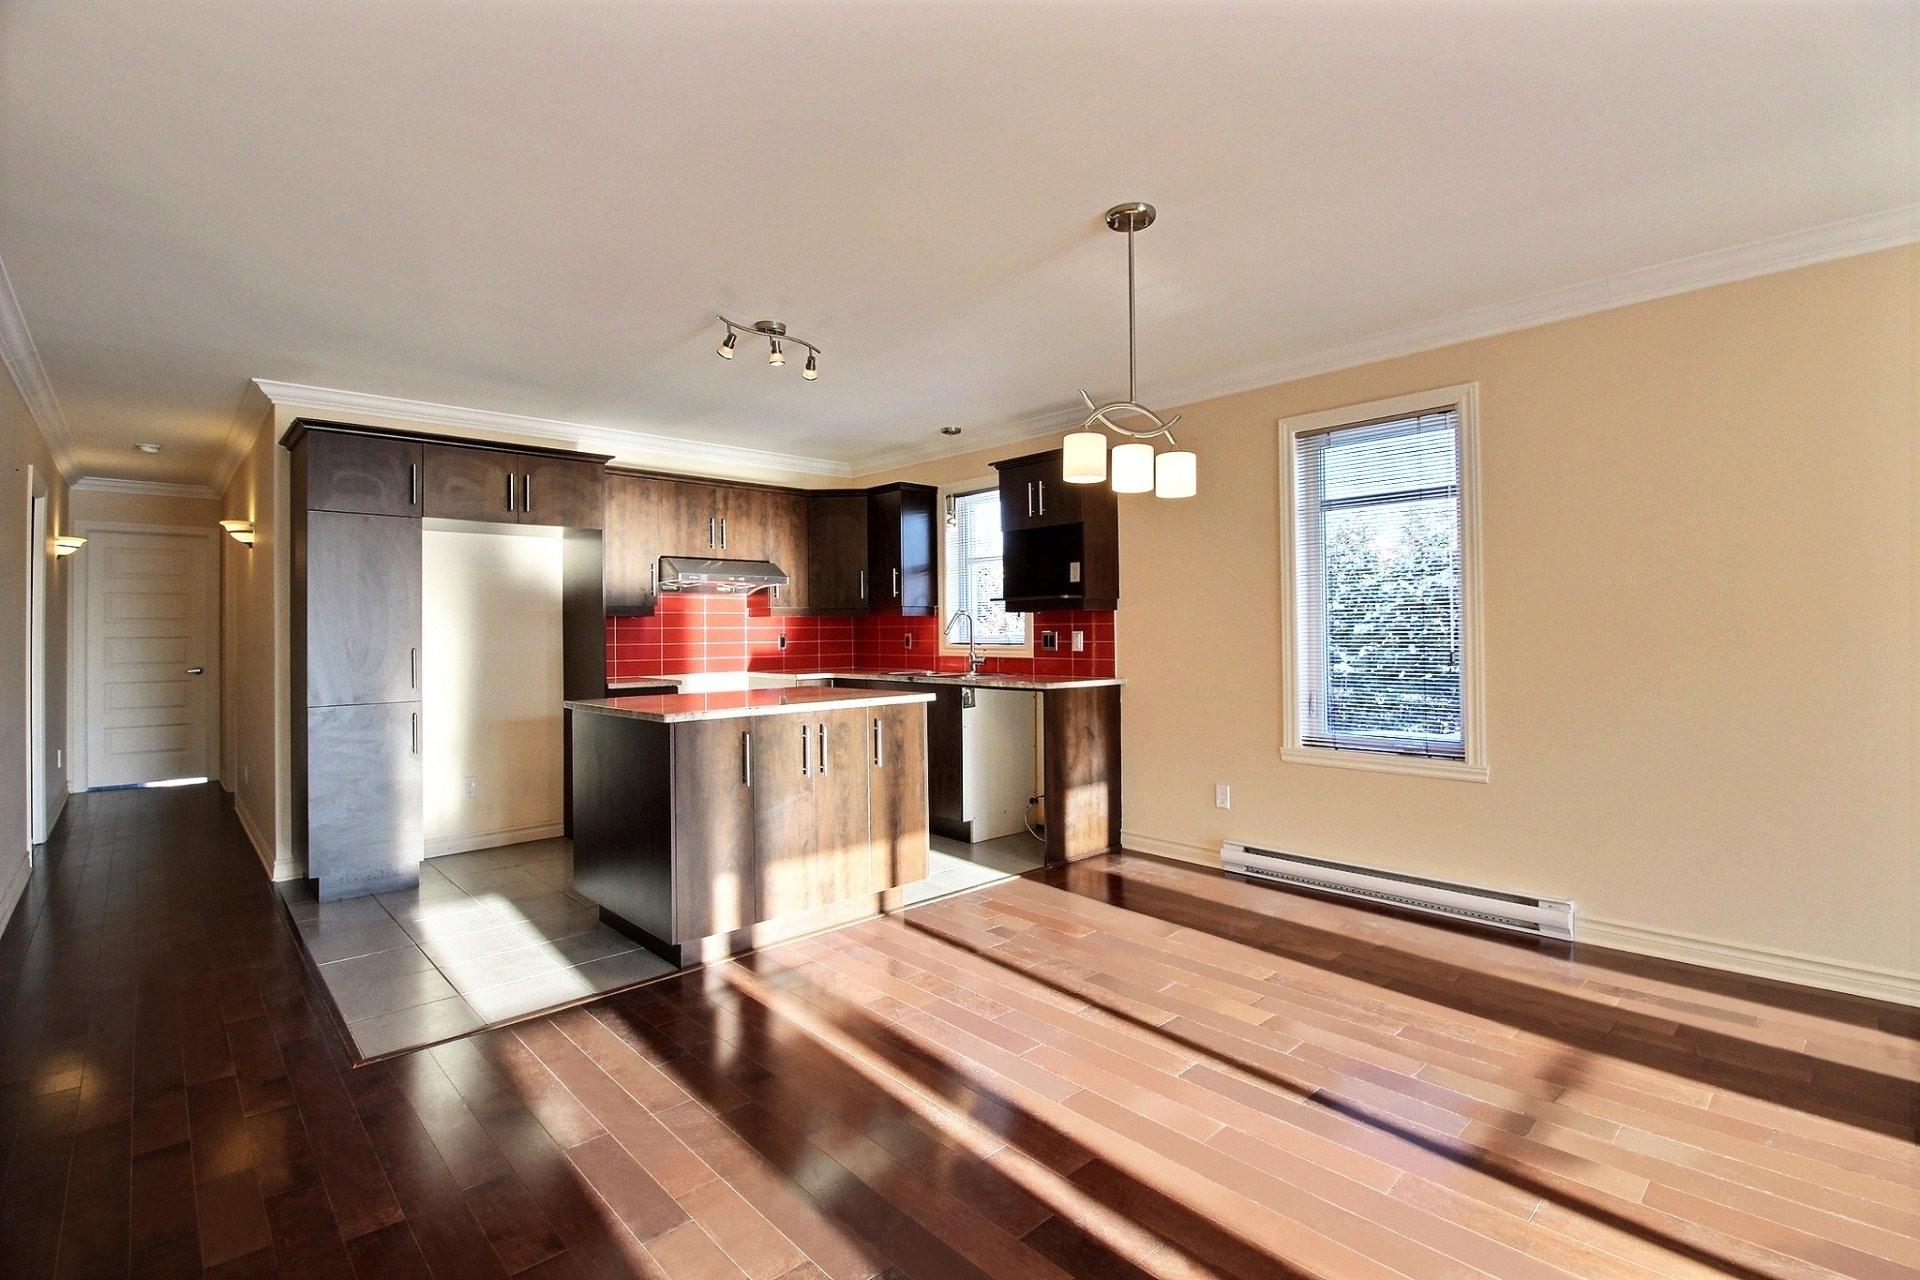 image 9 - Appartement À vendre Laval Duvernay  - 7 pièces